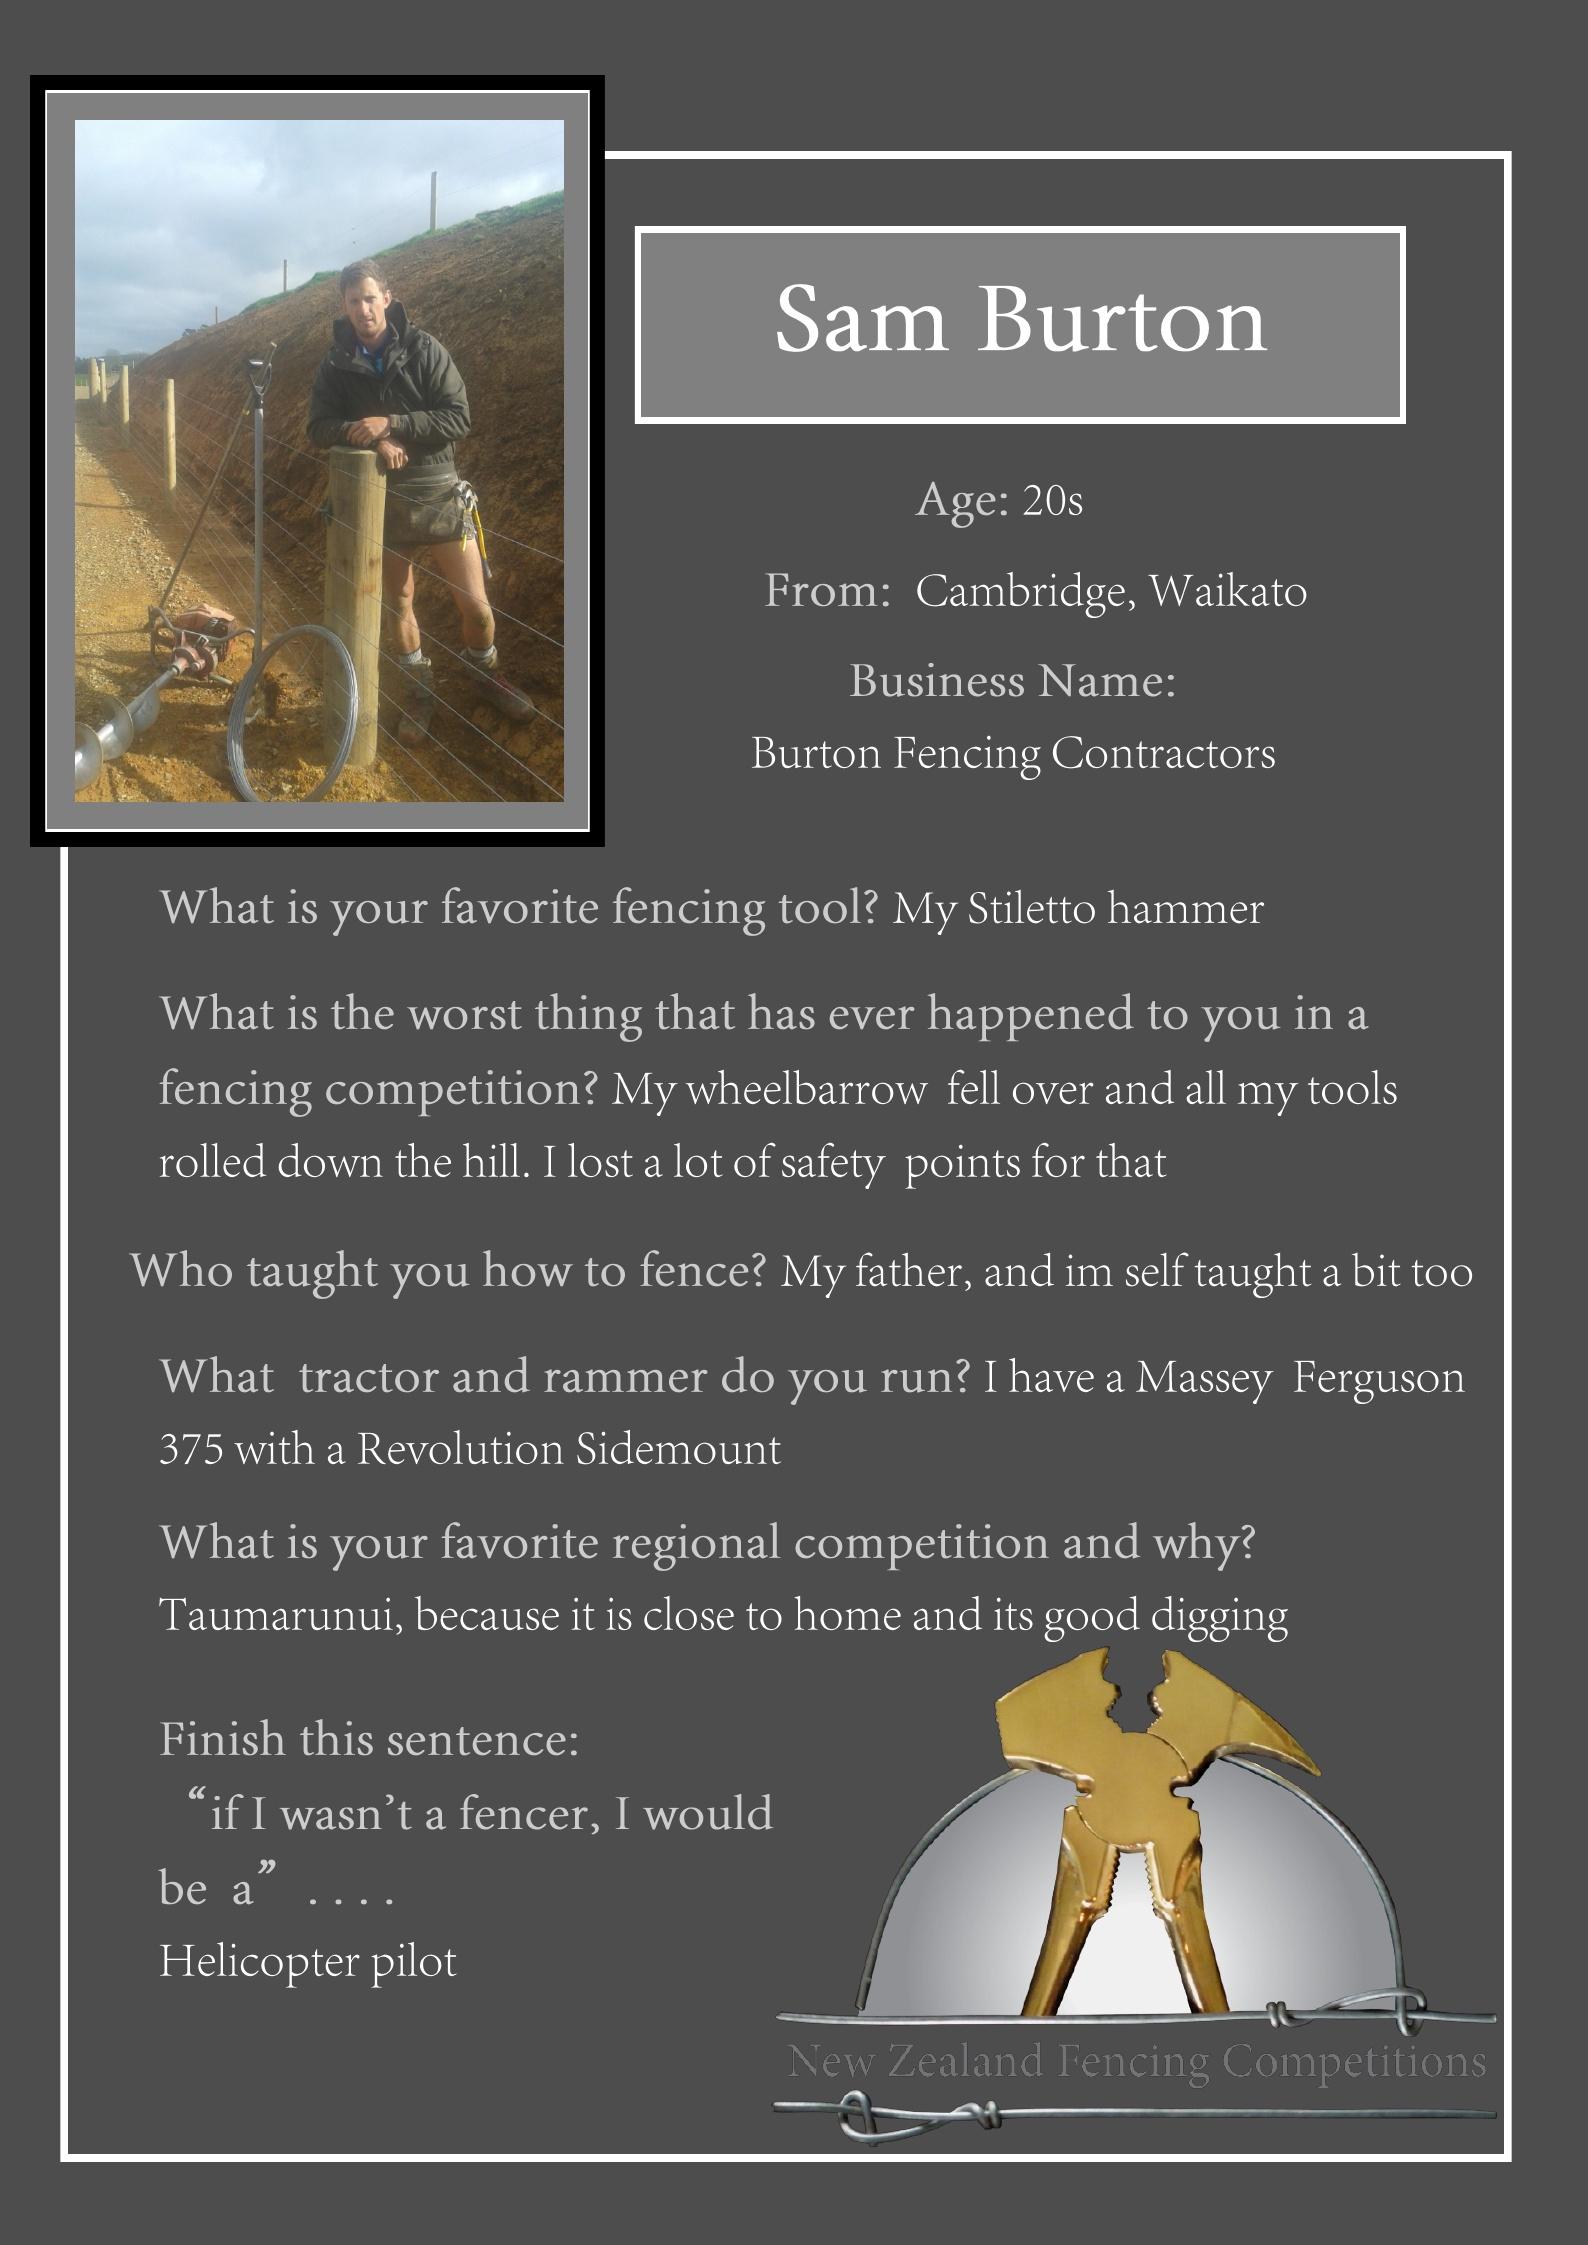 Sam Burton